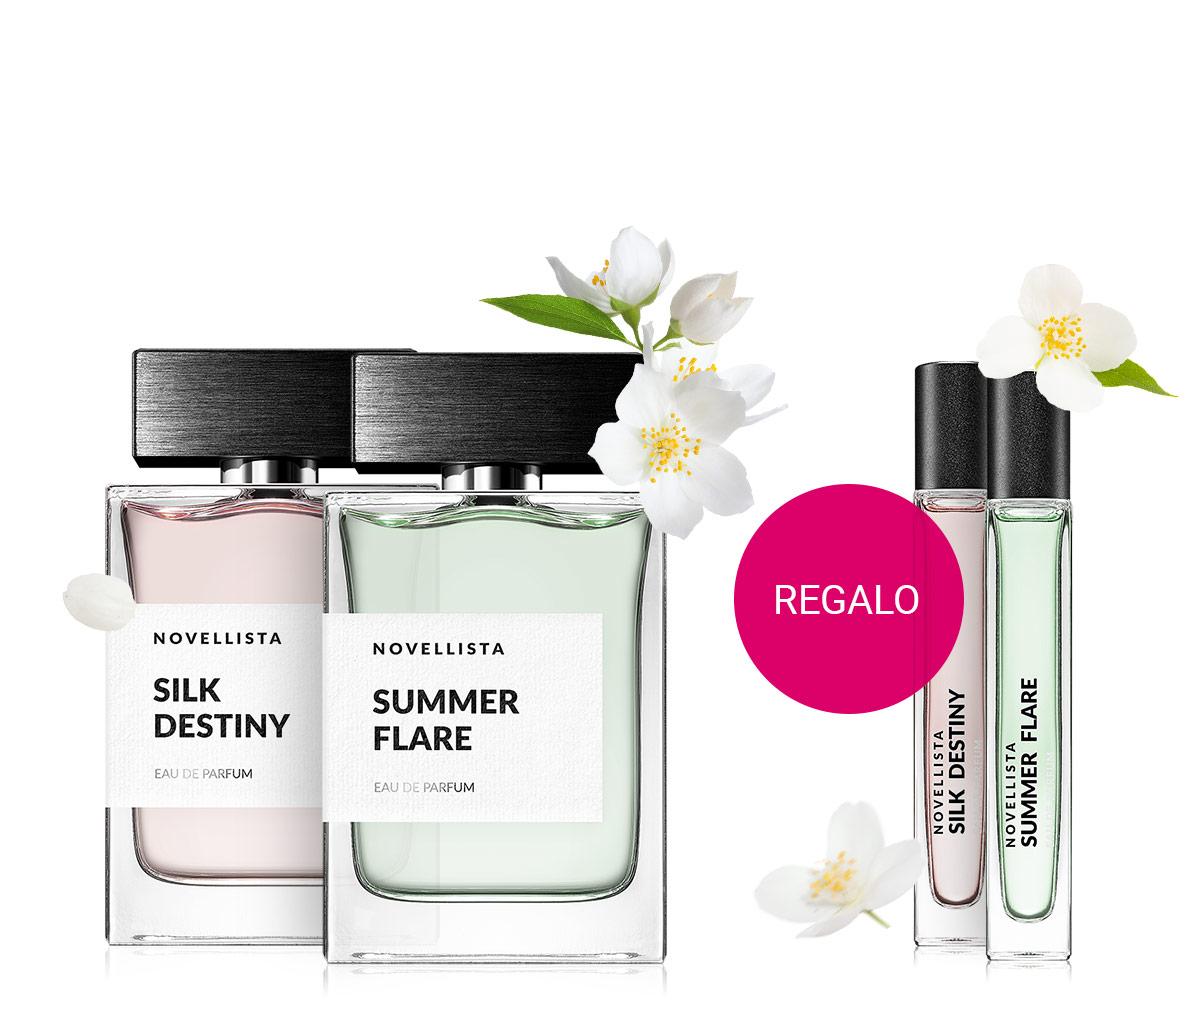 Profumo Novellista 10 ml in omaggio con l'acquisto di qualsiasi fragranza di questo marchio in formato da 75 ml.